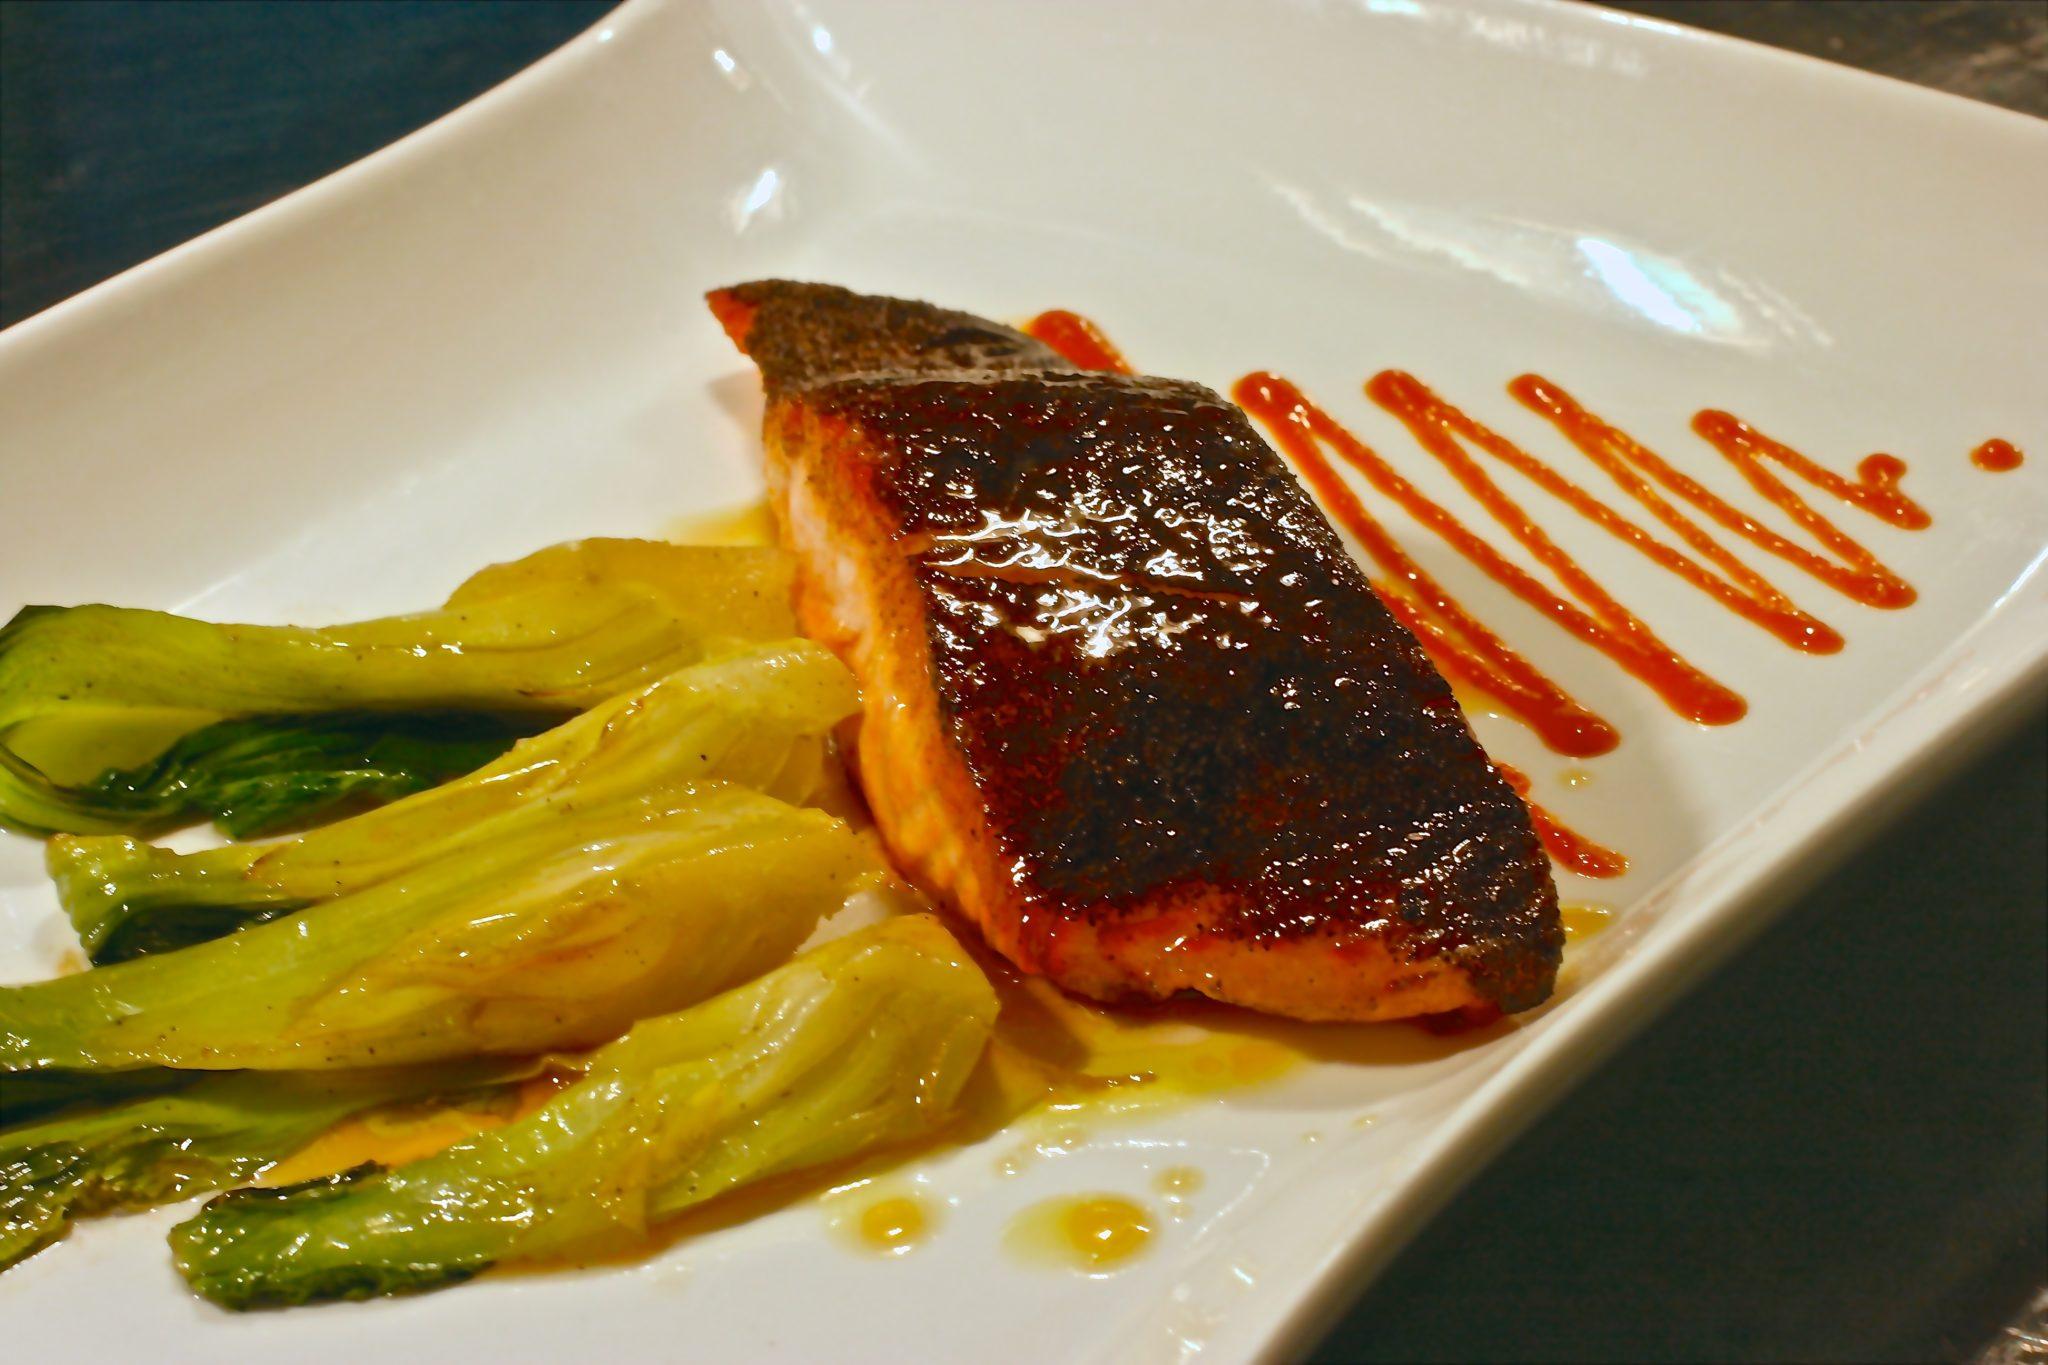 salmone al pepe vinaigrette lime e miele e bok choy